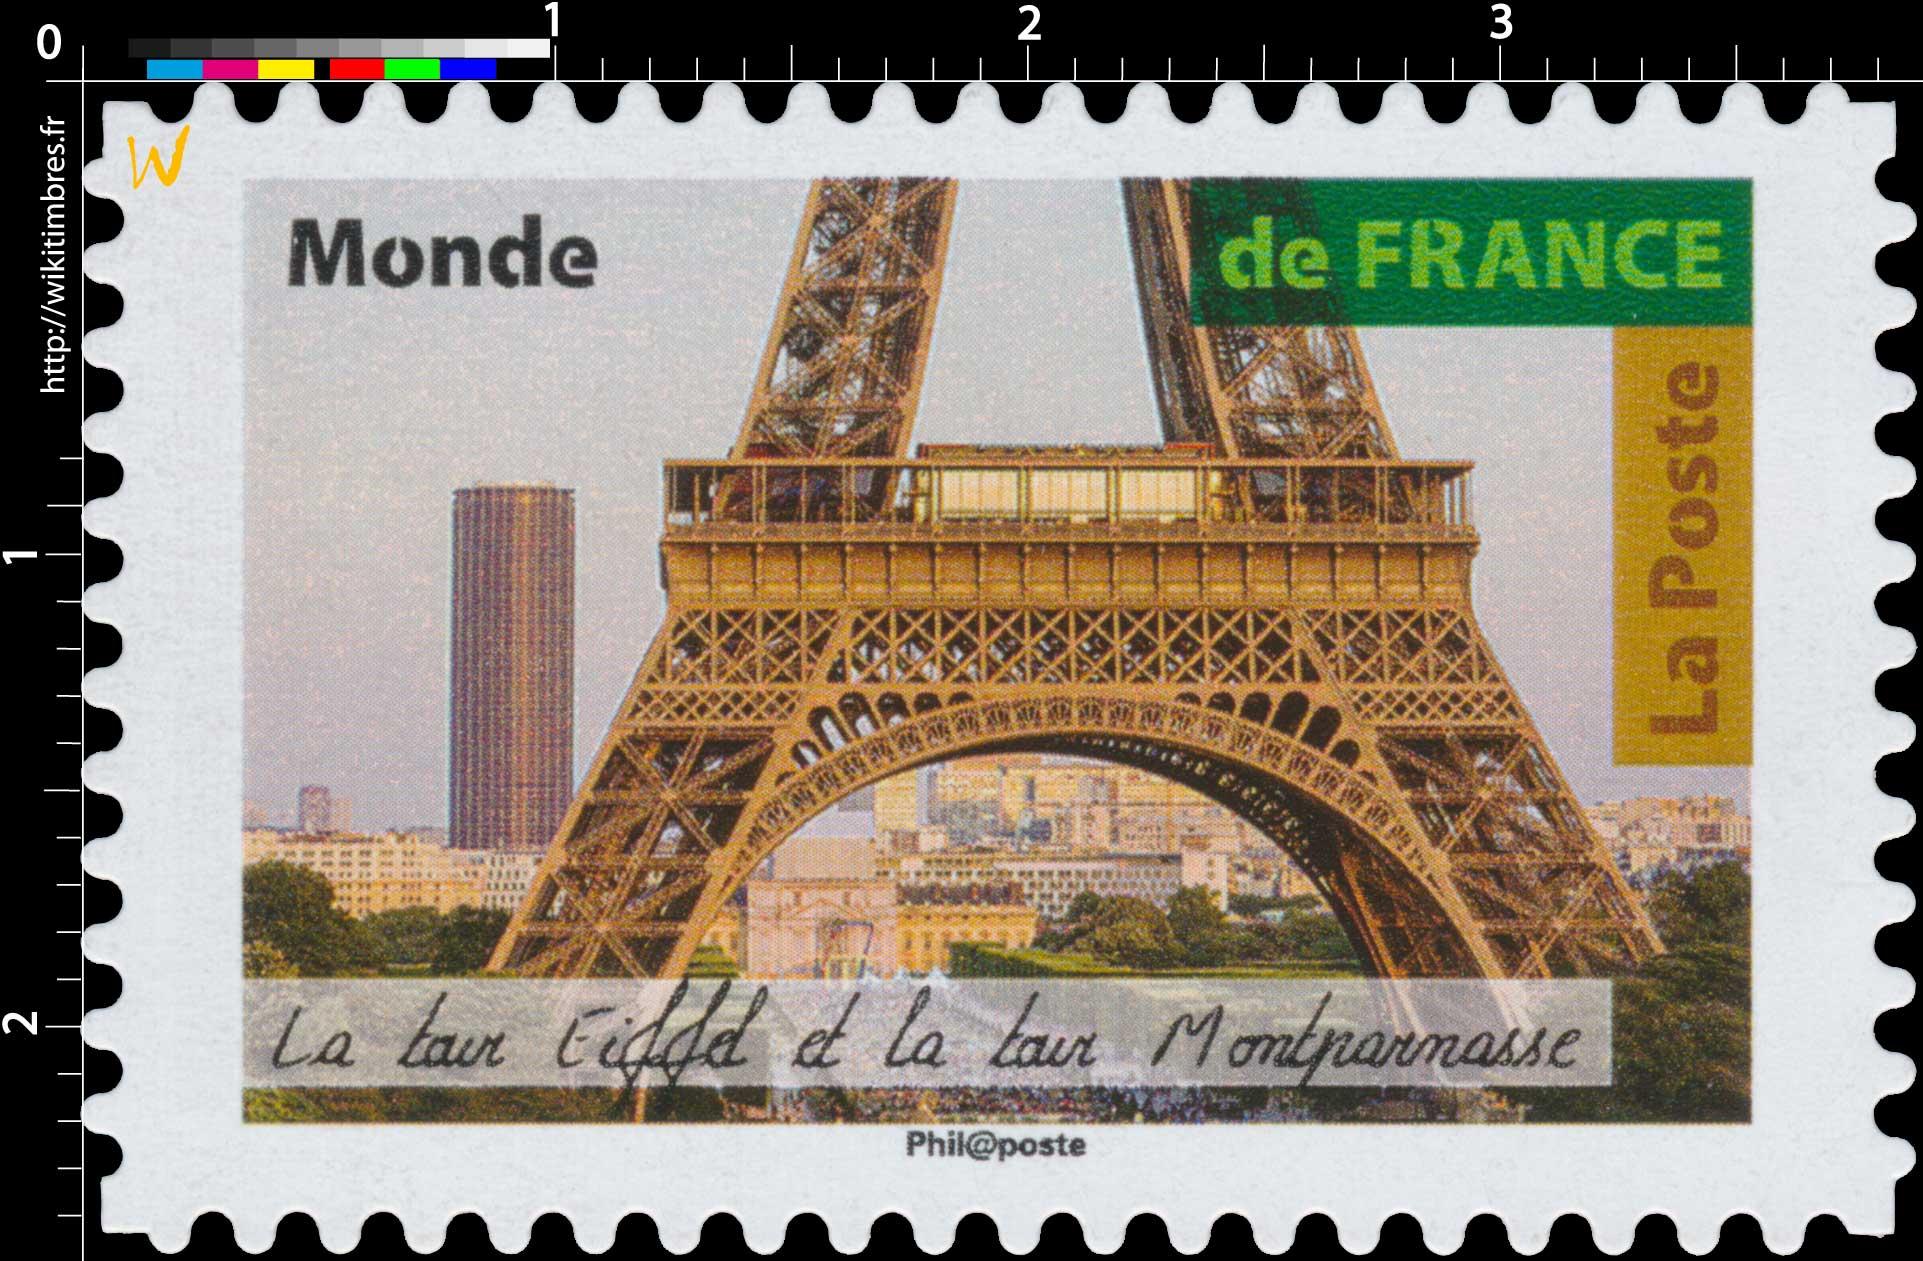 2018 Tour Eiffel et tour Montparnasse